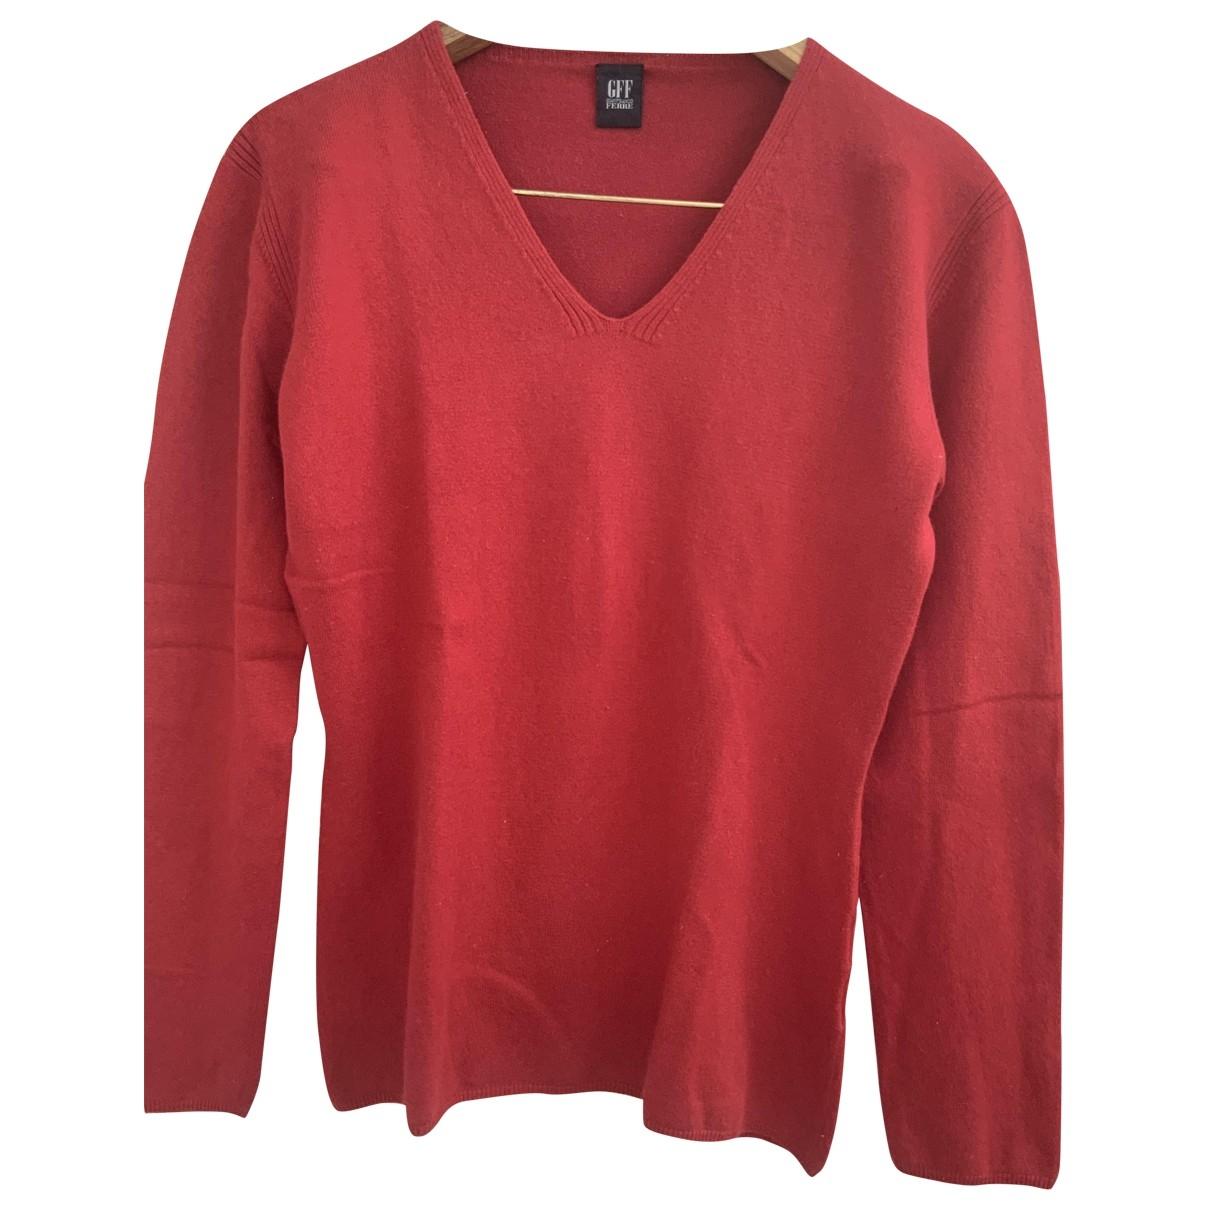 Gianfranco Ferré \N Red Cashmere Knitwear for Women 44 IT